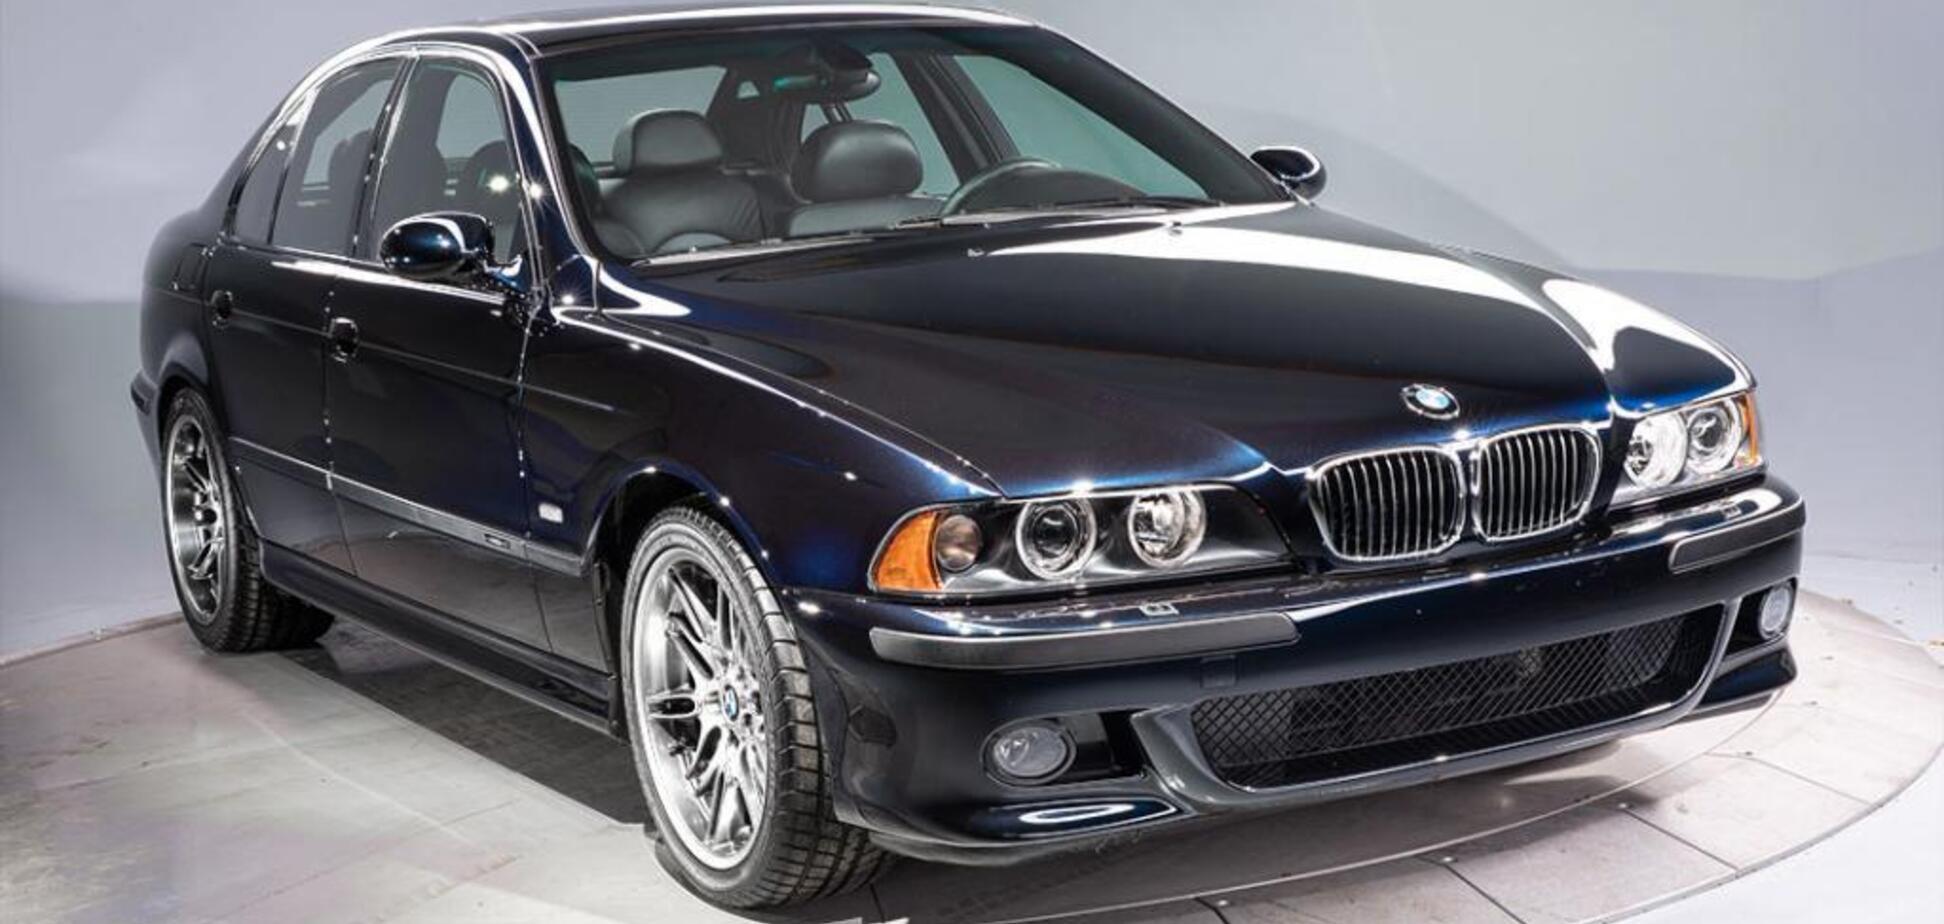 В США продали 18-летний BMW M5 за рекордные $200 тысяч